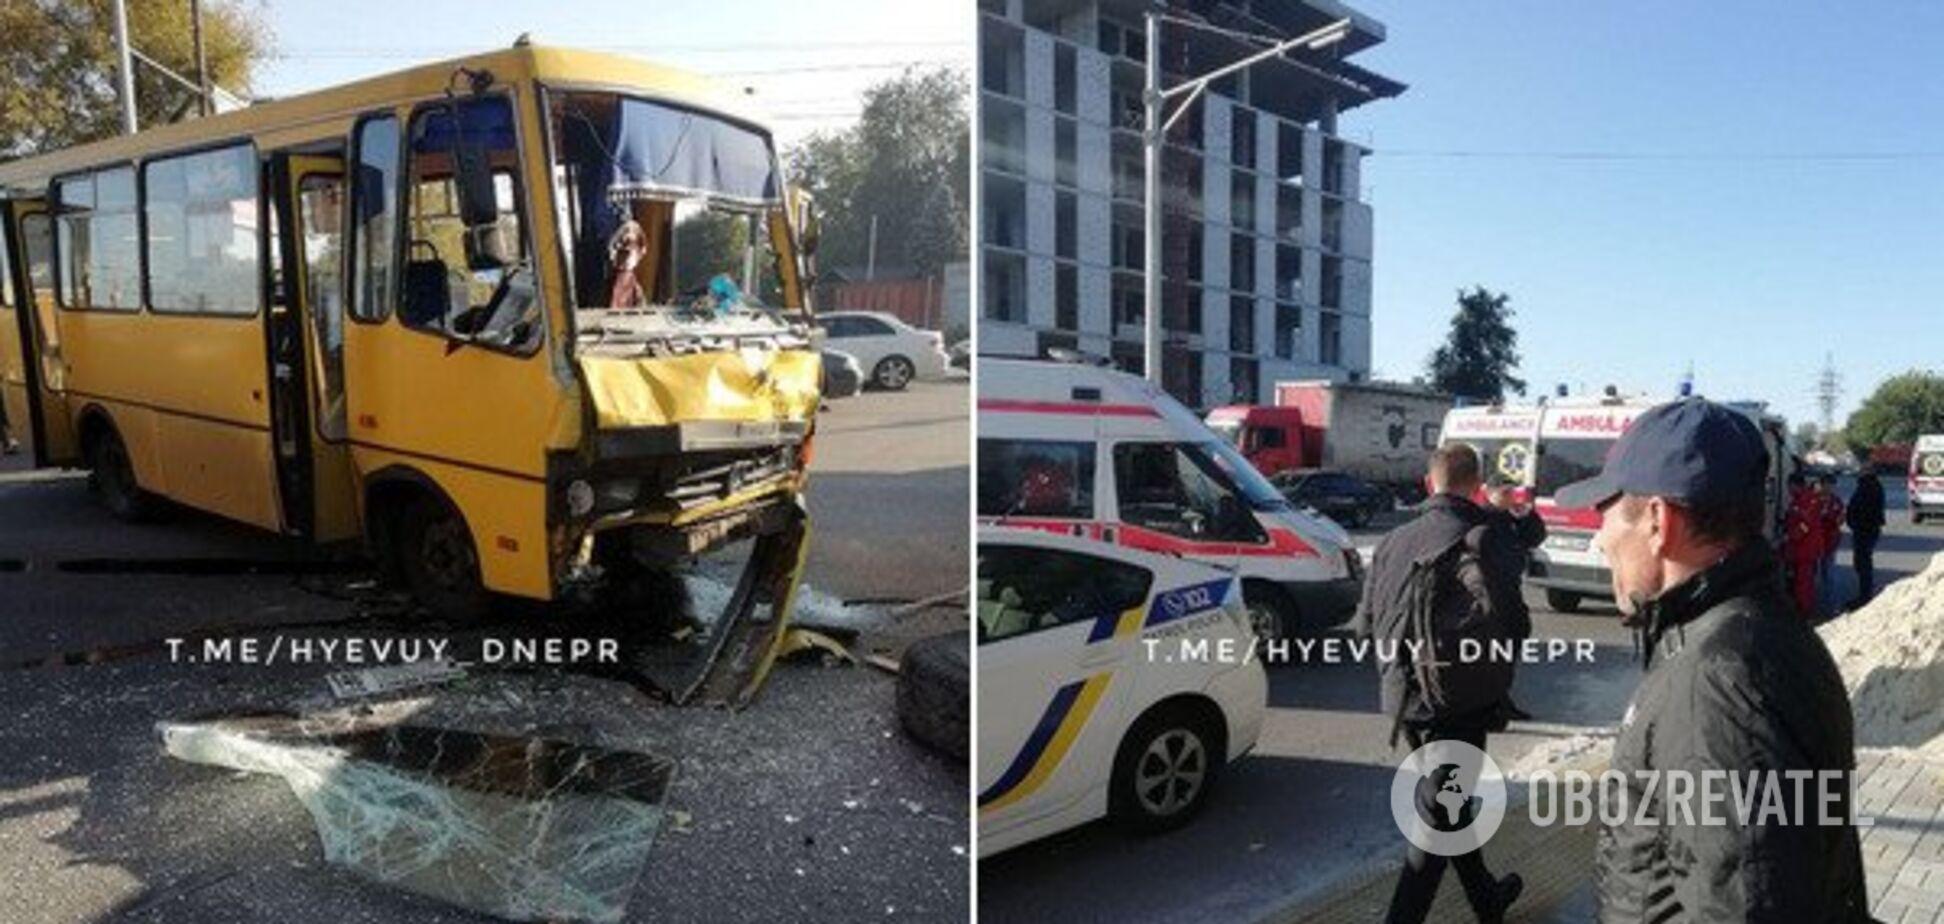 Приїхало п'ять швидких: у Дніпрі трапилася страшна ДТП із автобусом